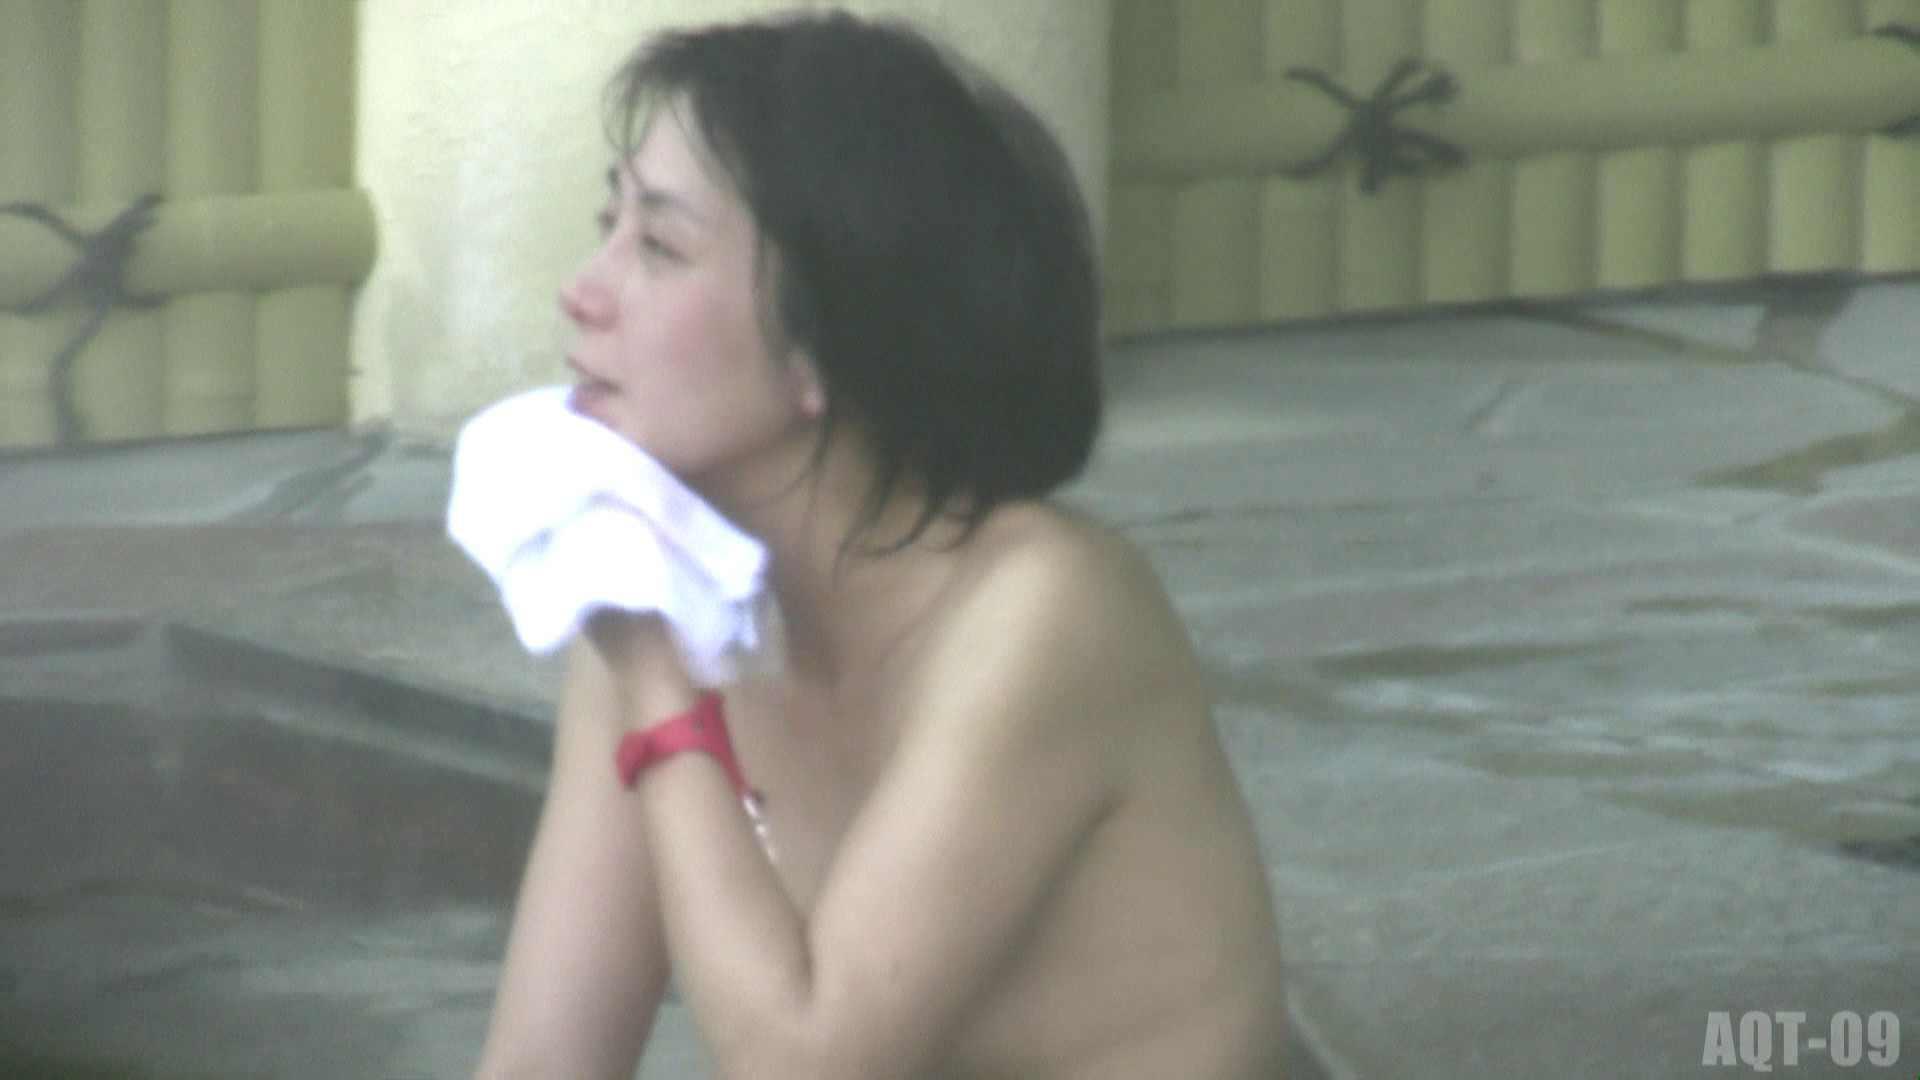 Aquaな露天風呂Vol.788 盗撮師作品   美しいOLの裸体  100pic 76